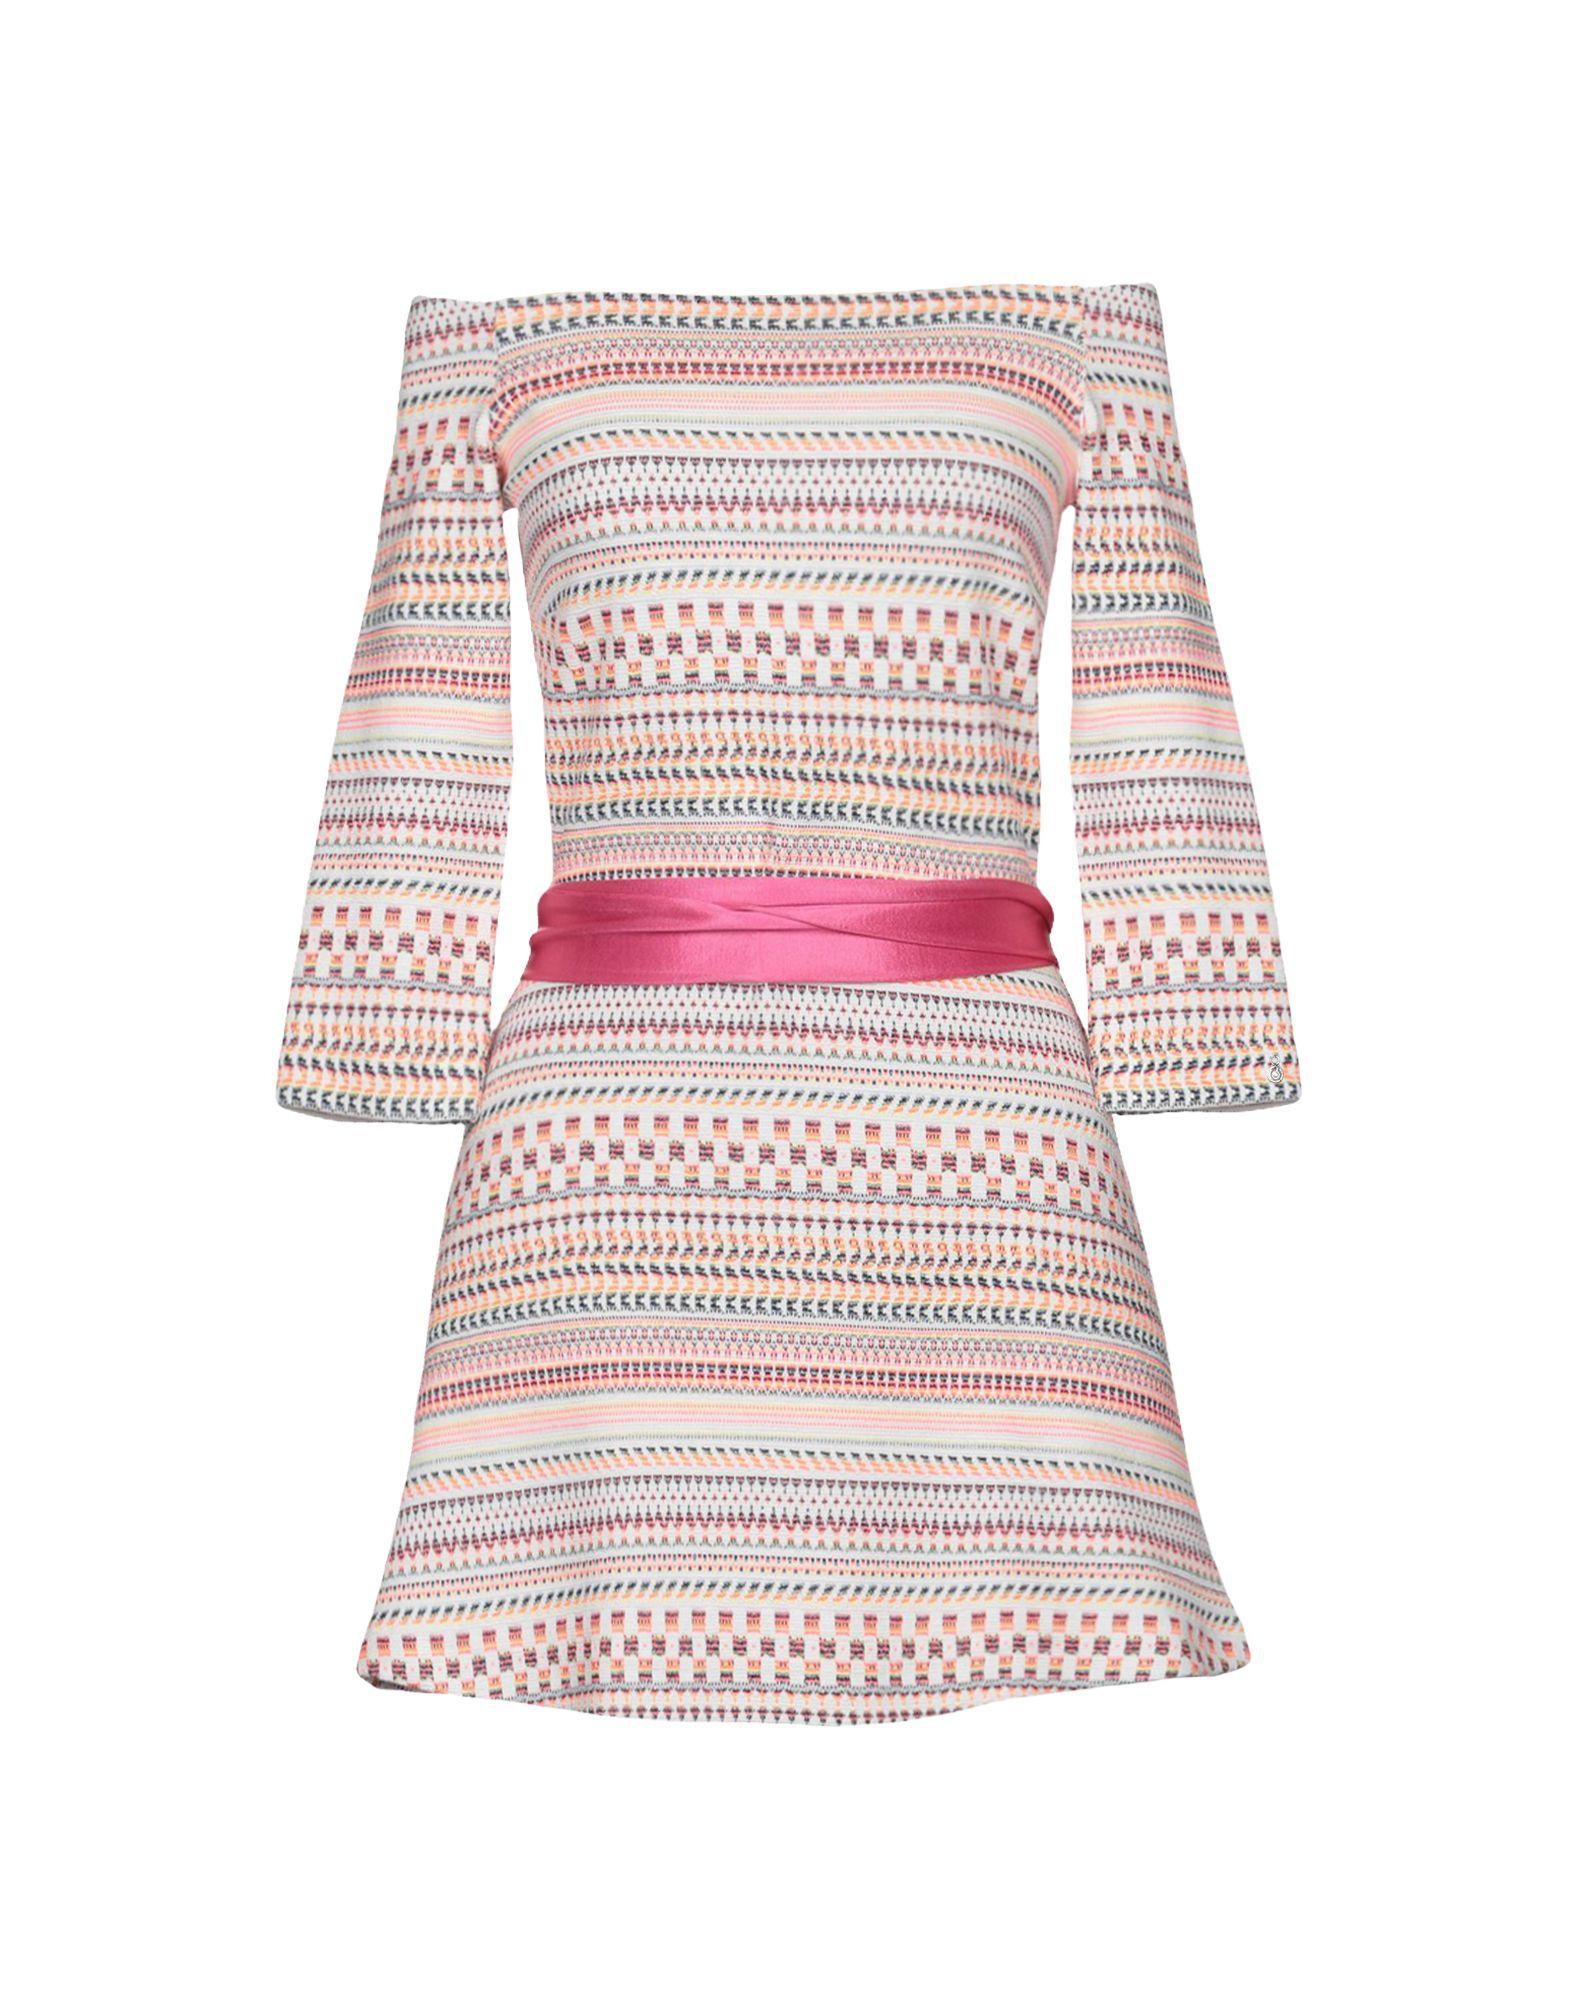 цены на MARIAGRAZIA PANIZZI Короткое платье в интернет-магазинах